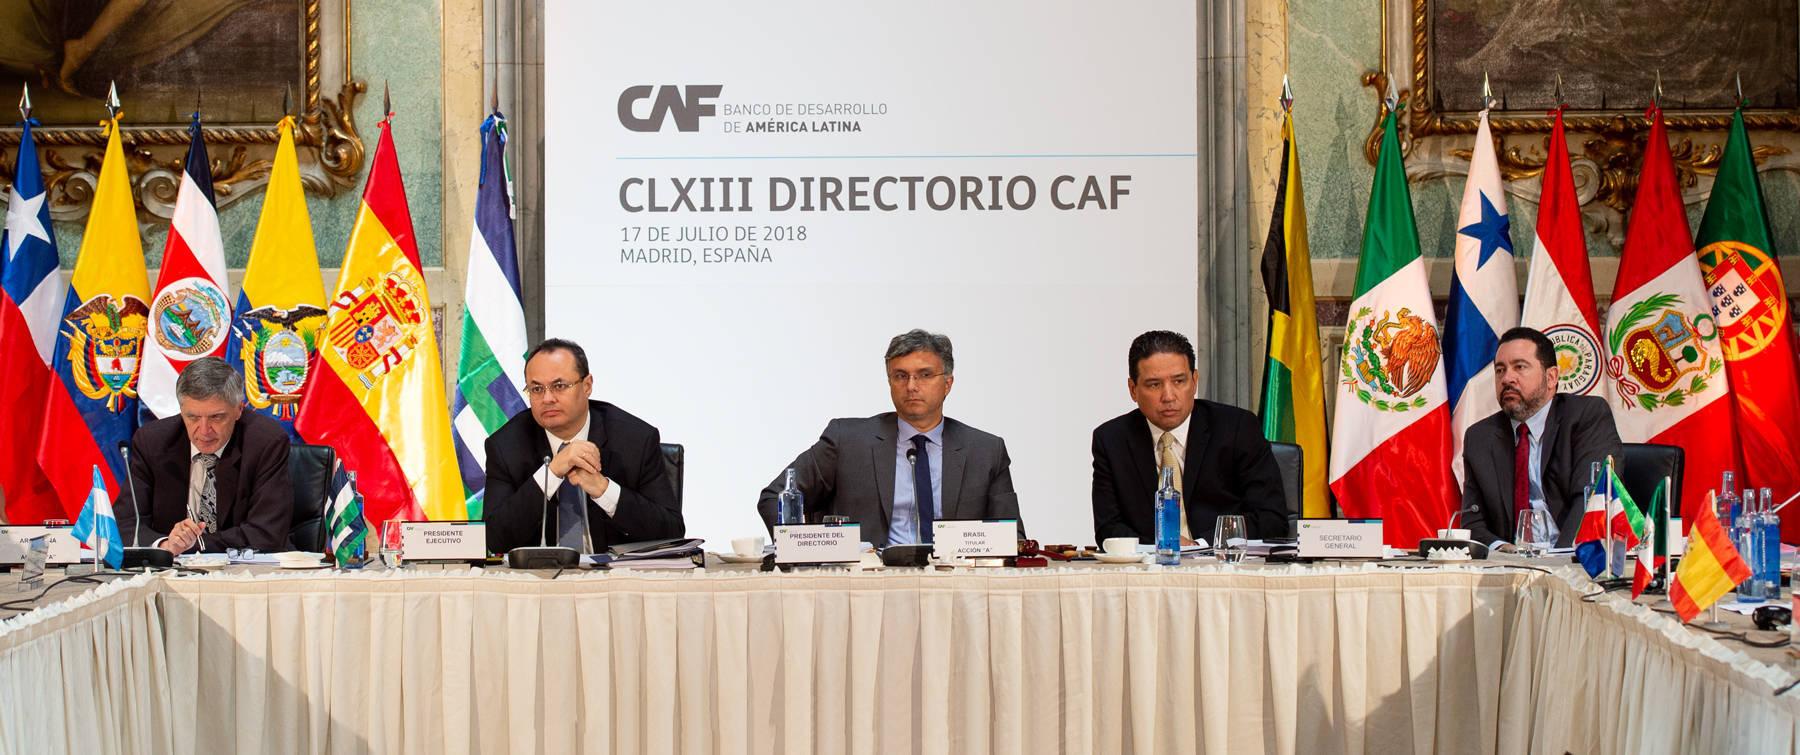 Celebración del CLXIII Directorio del Banco de Desarrollo de América Latina (CAF).